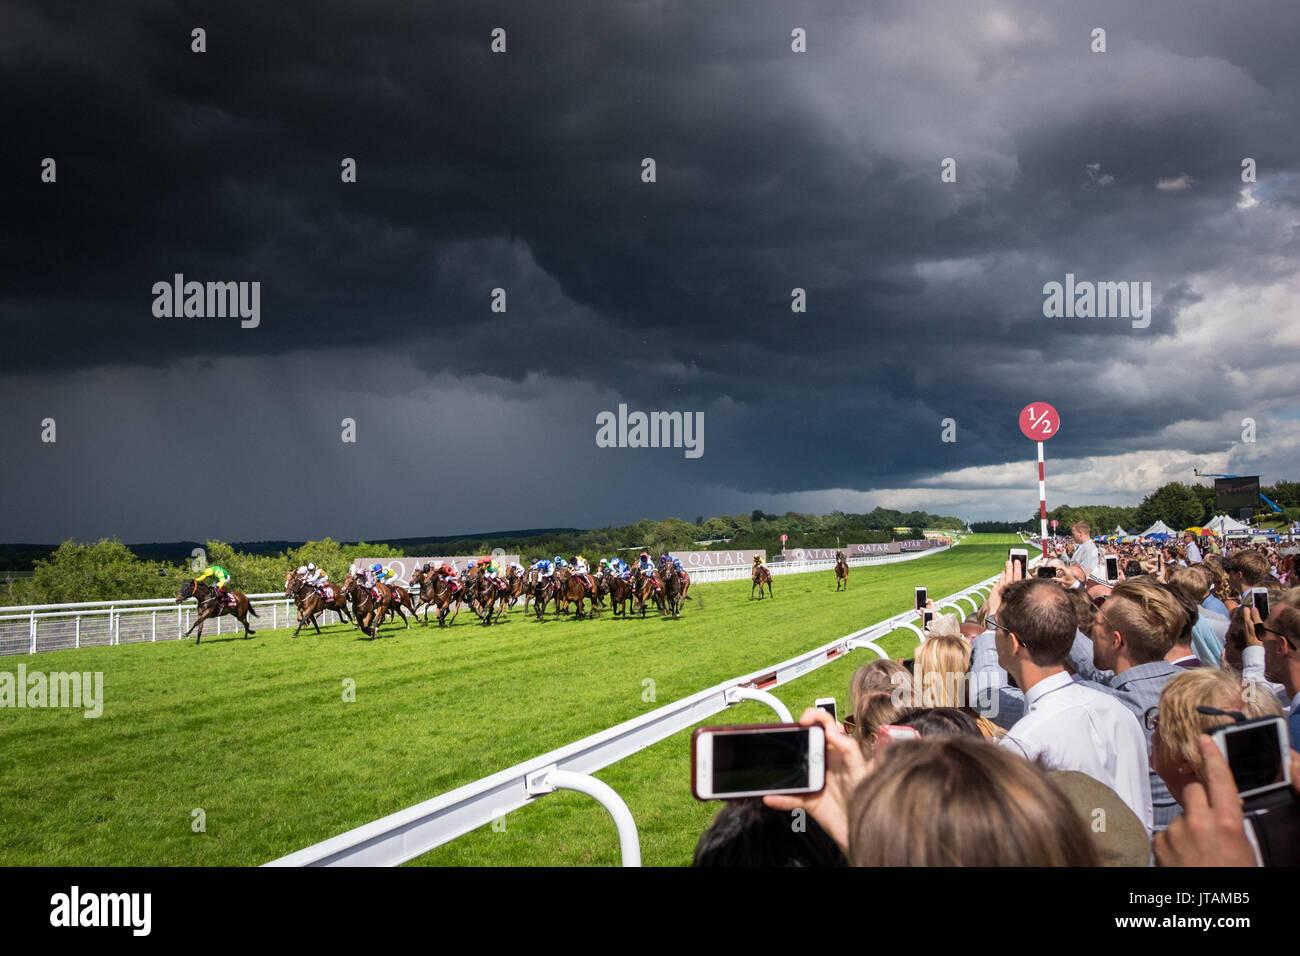 Gewitterwolken Pass während der Pferderennen in Glorious Goodwood 2017 in West Sussex Stockbild